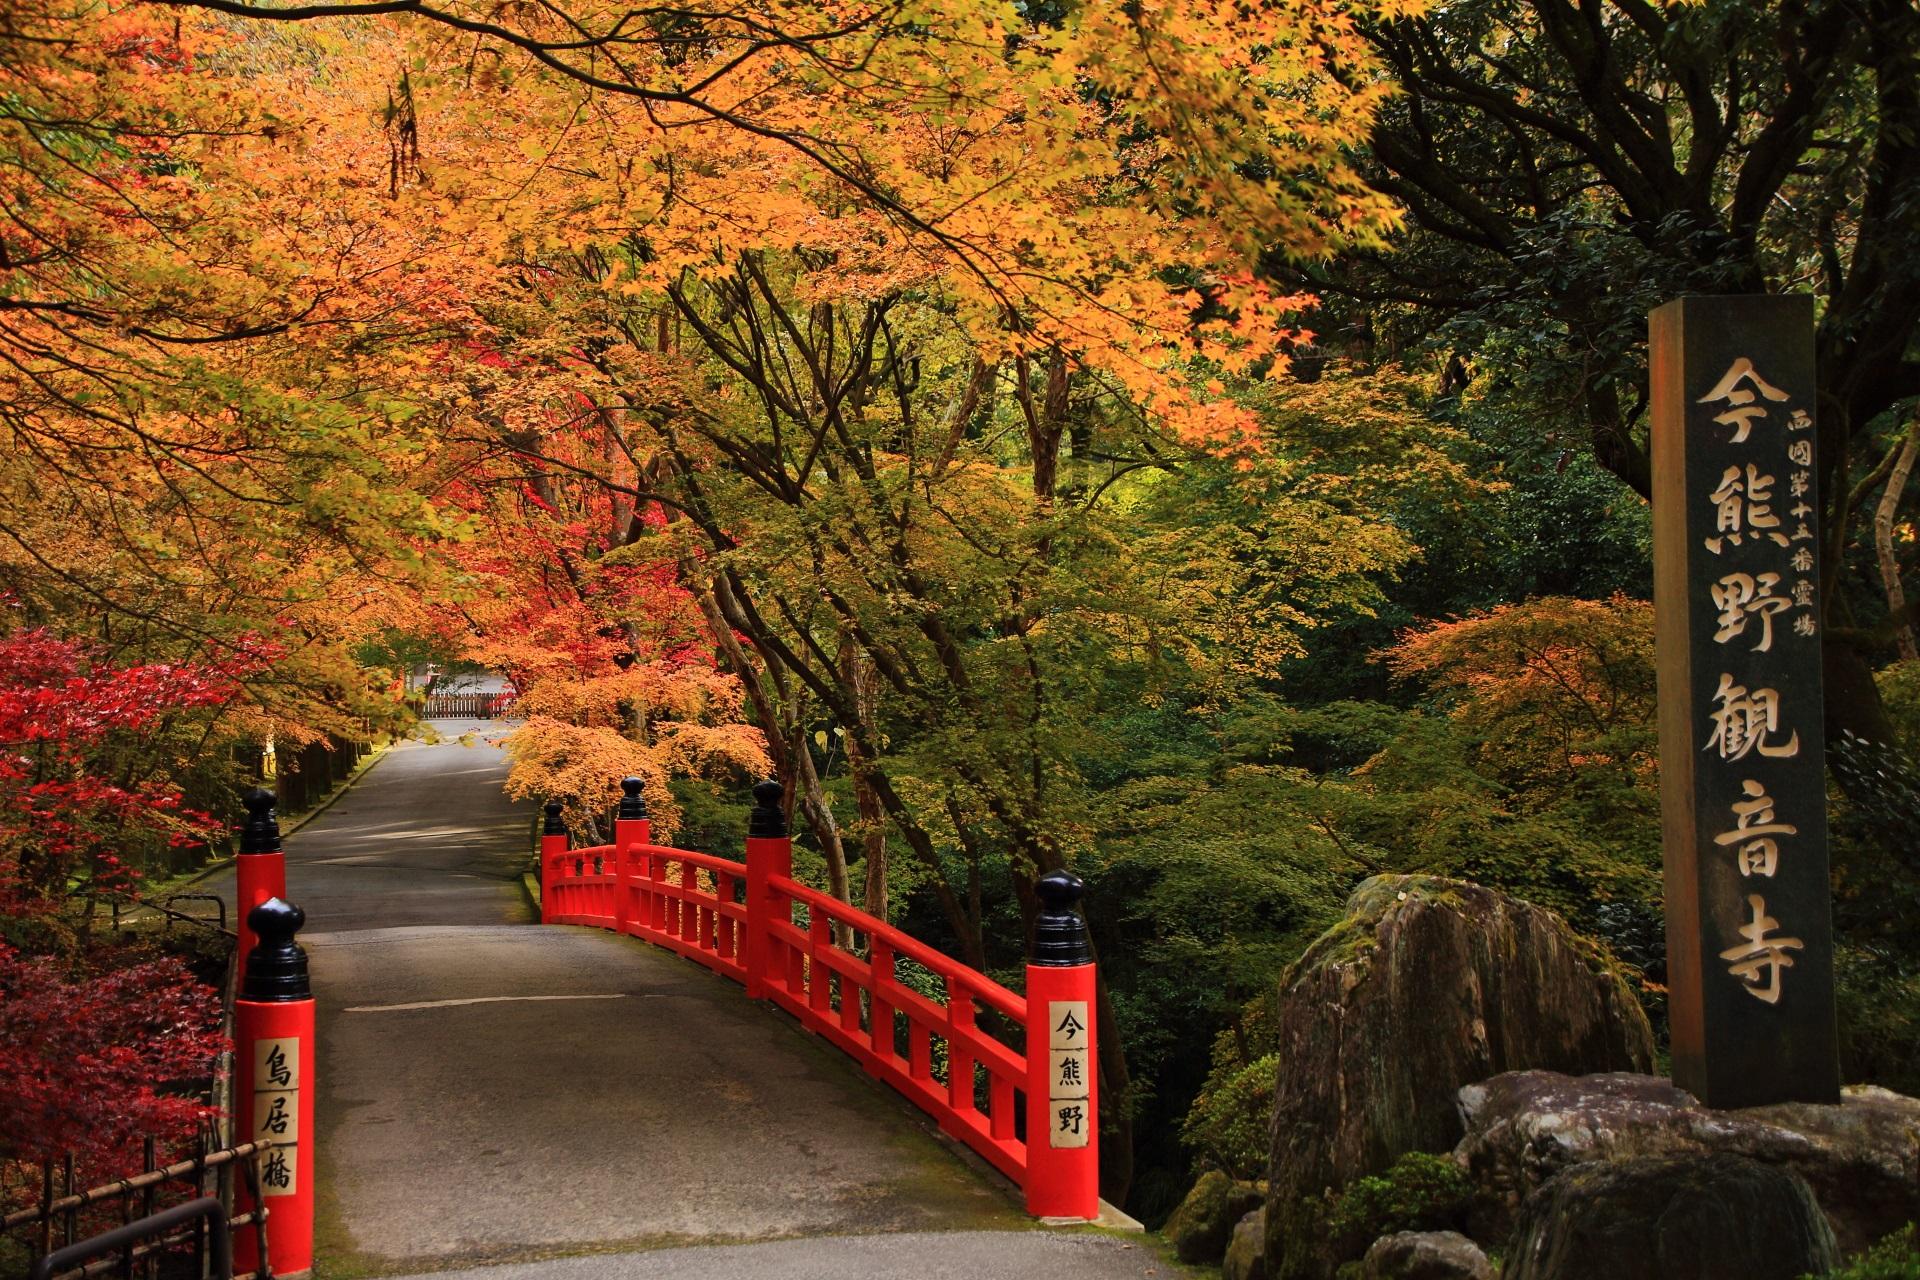 淡く優しい秋色につつまる鳥居橋